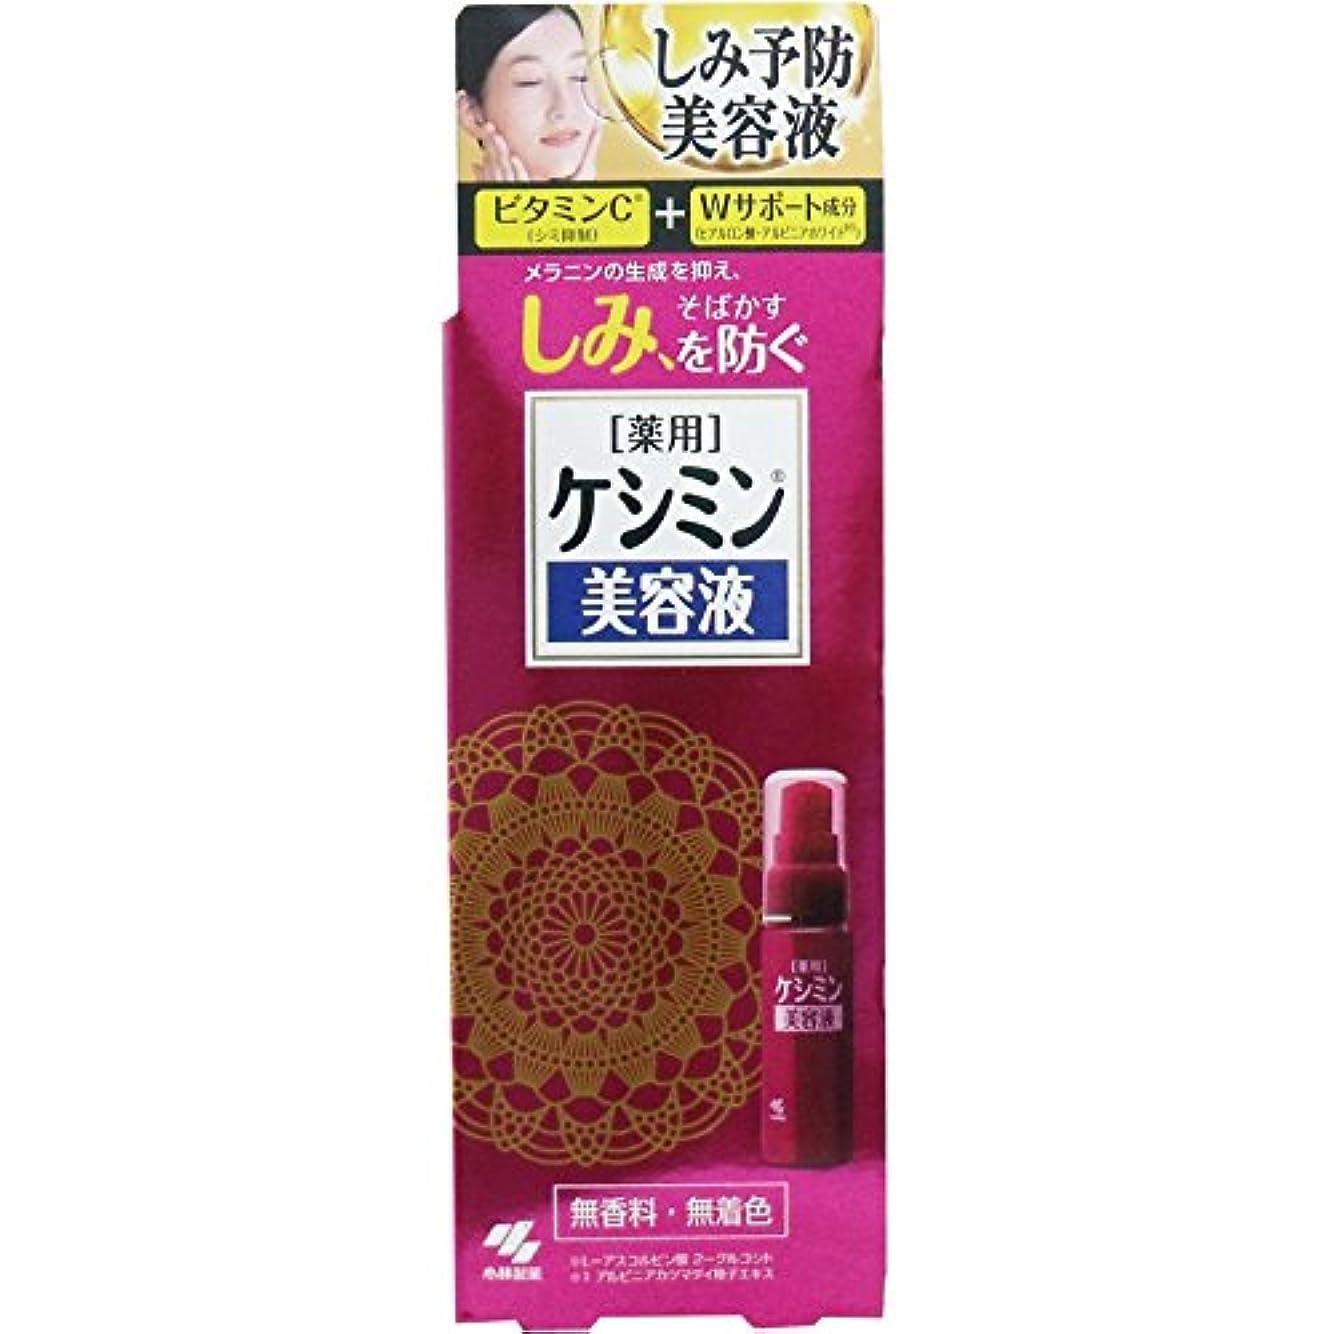 震える種類セッションケシミン美容液 シミを防ぐ 30ml×6個